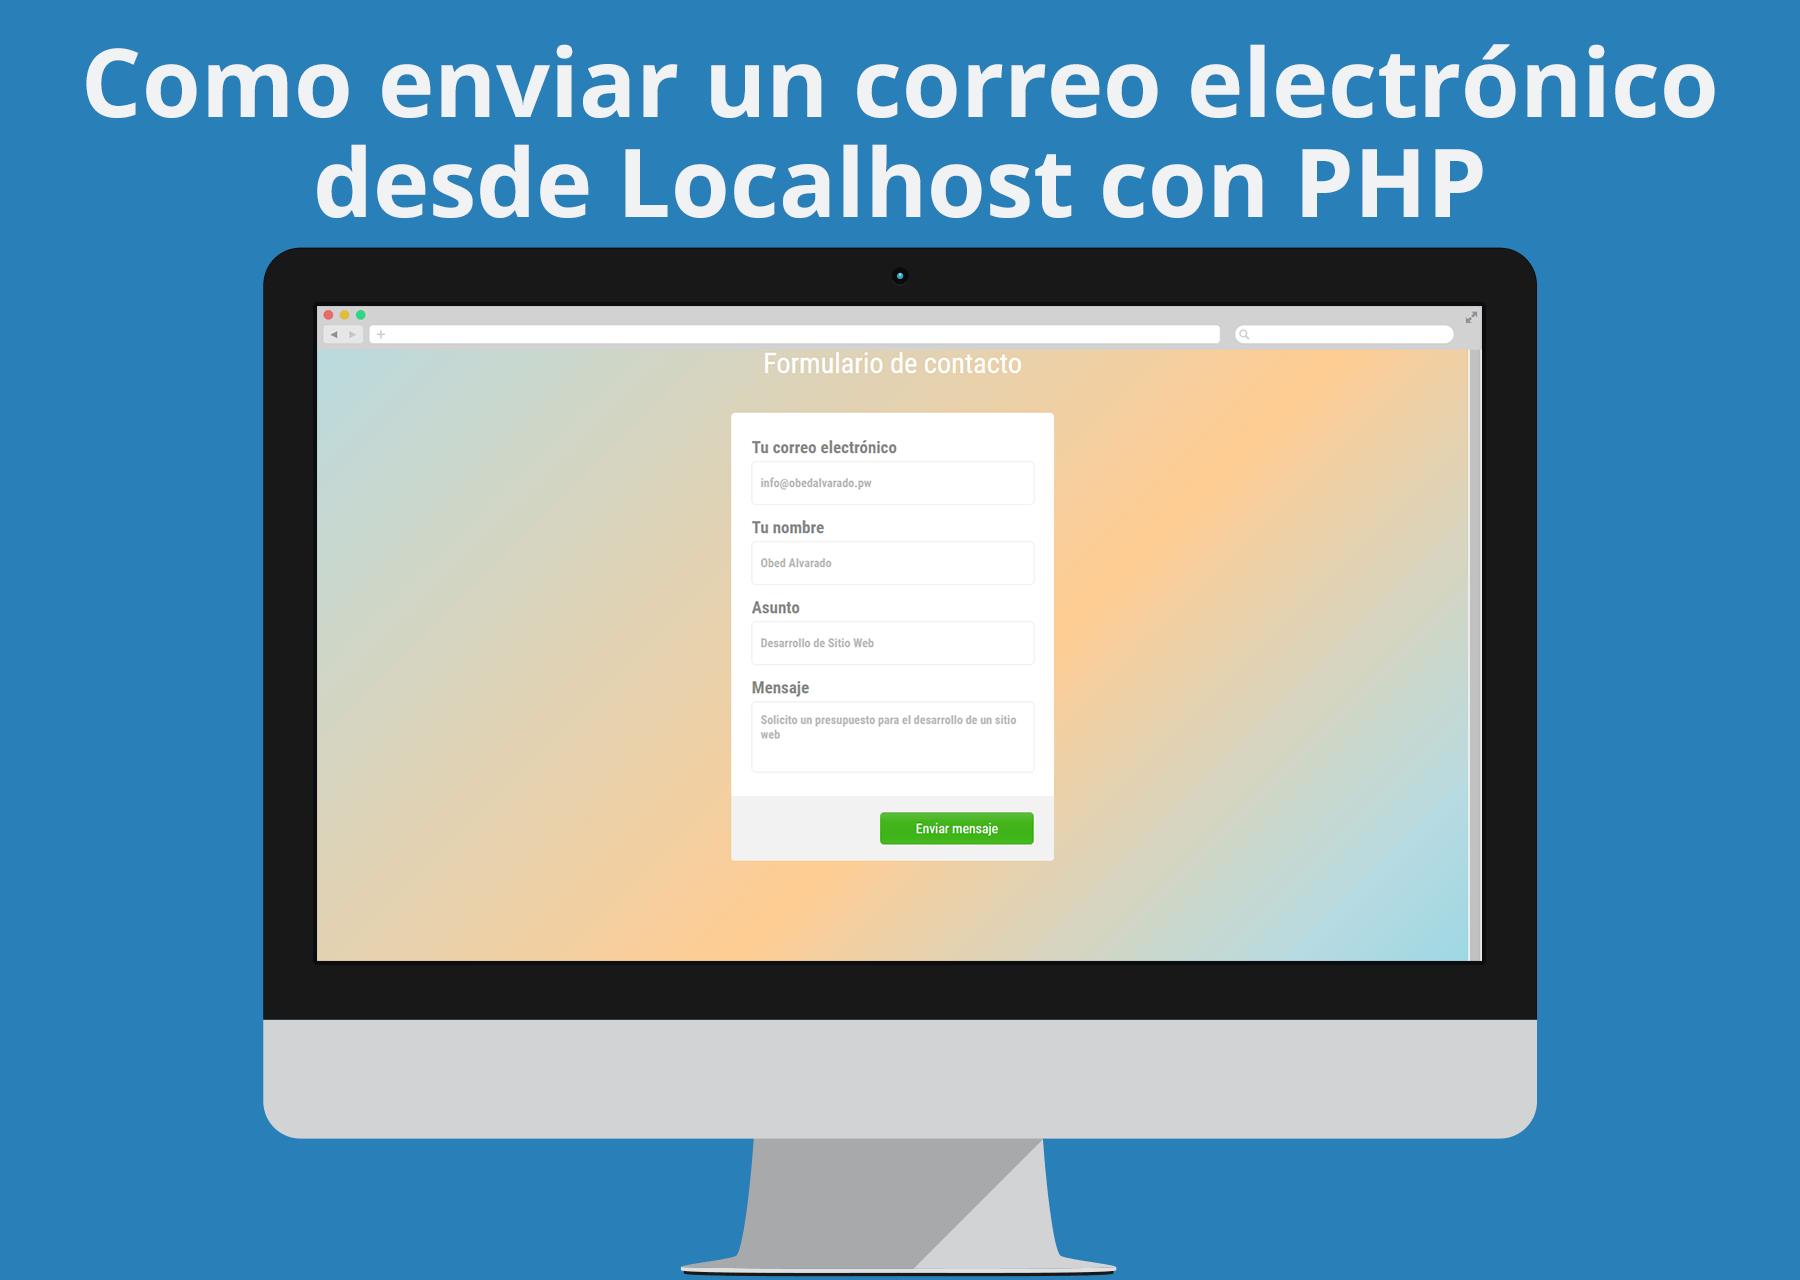 Como enviar un correo electrónico desde Localhost con PHP - Sistemas Web